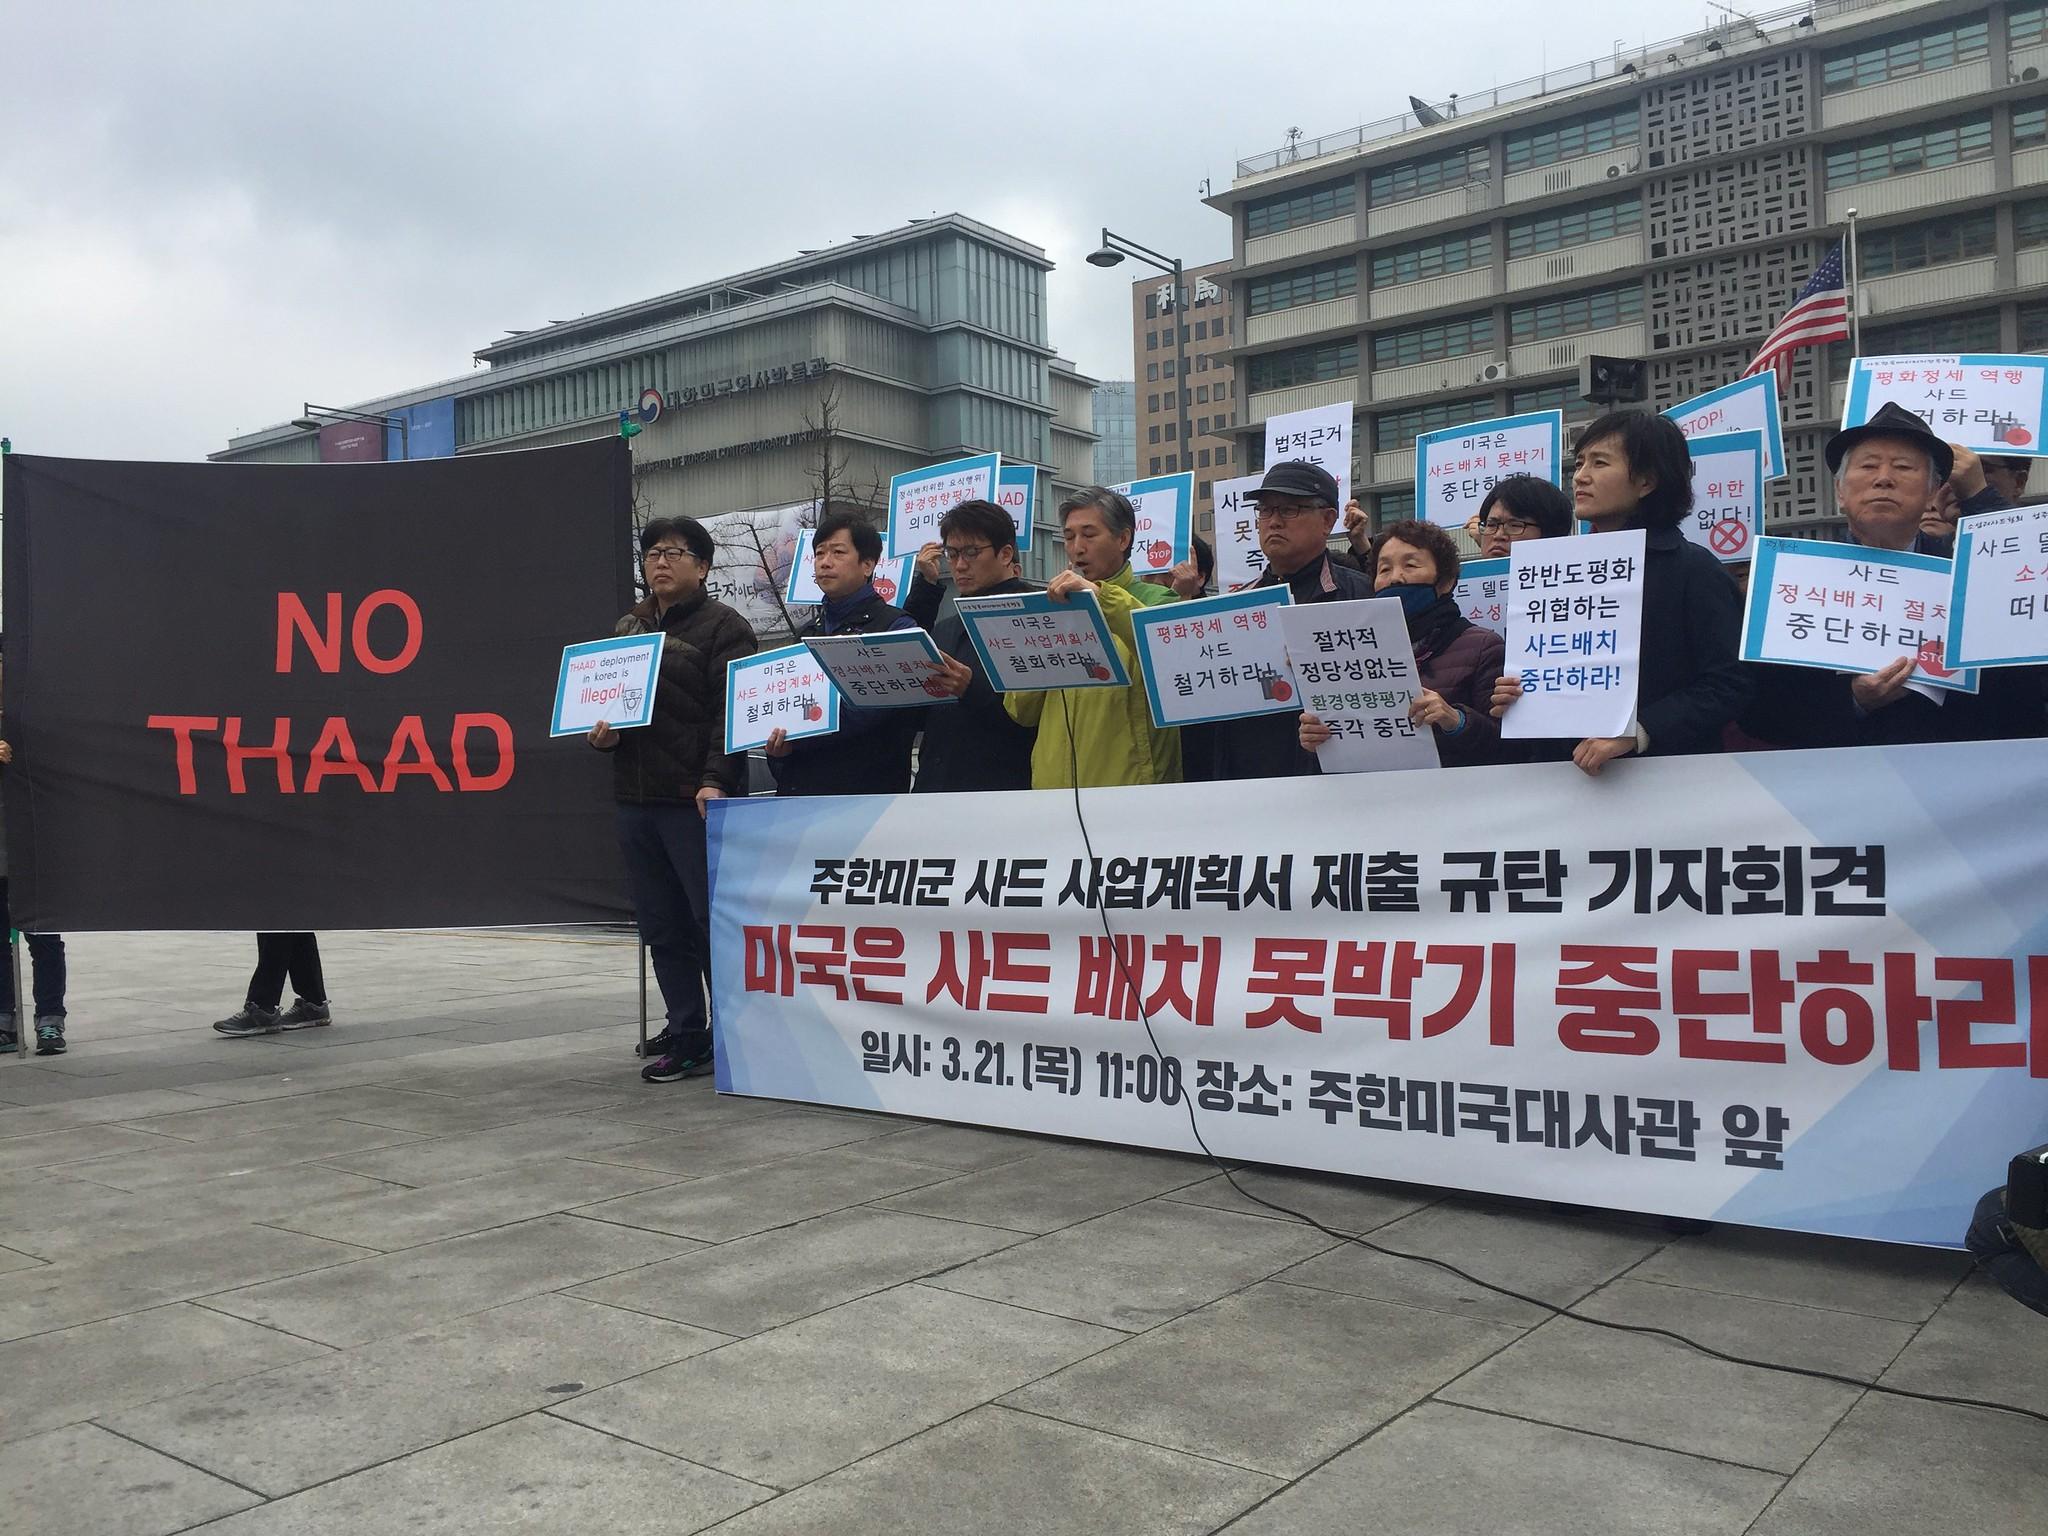 20190321_주한미군 사드 사업계획서 제출 규탄 기자회견